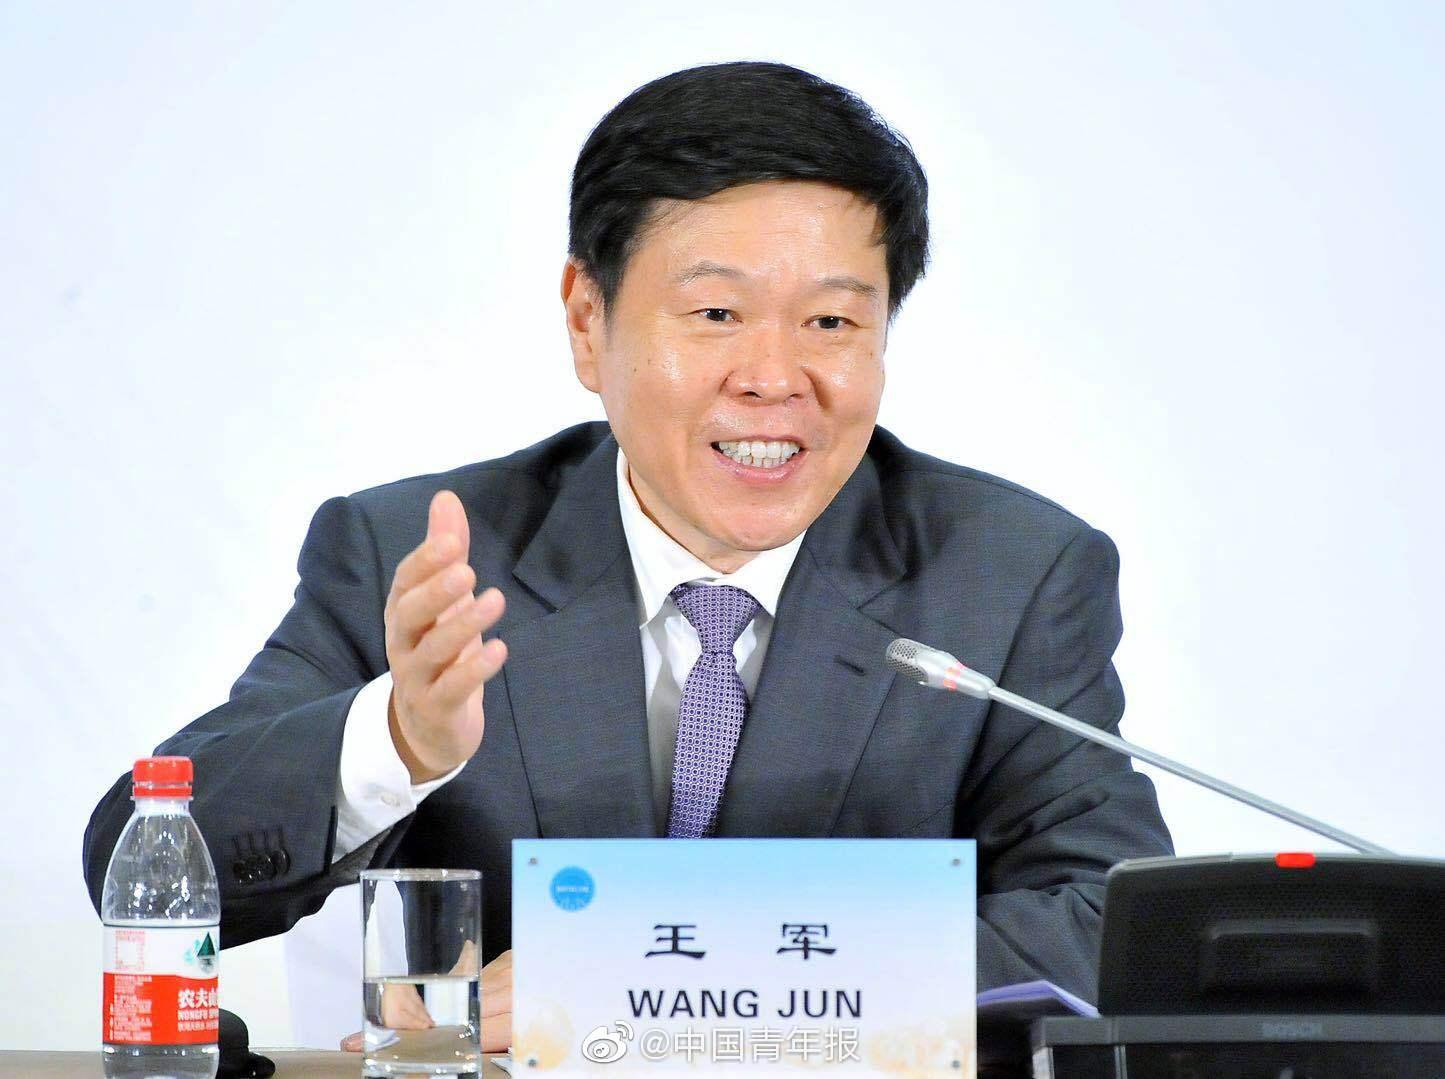 人民大学校长开讲中国经济